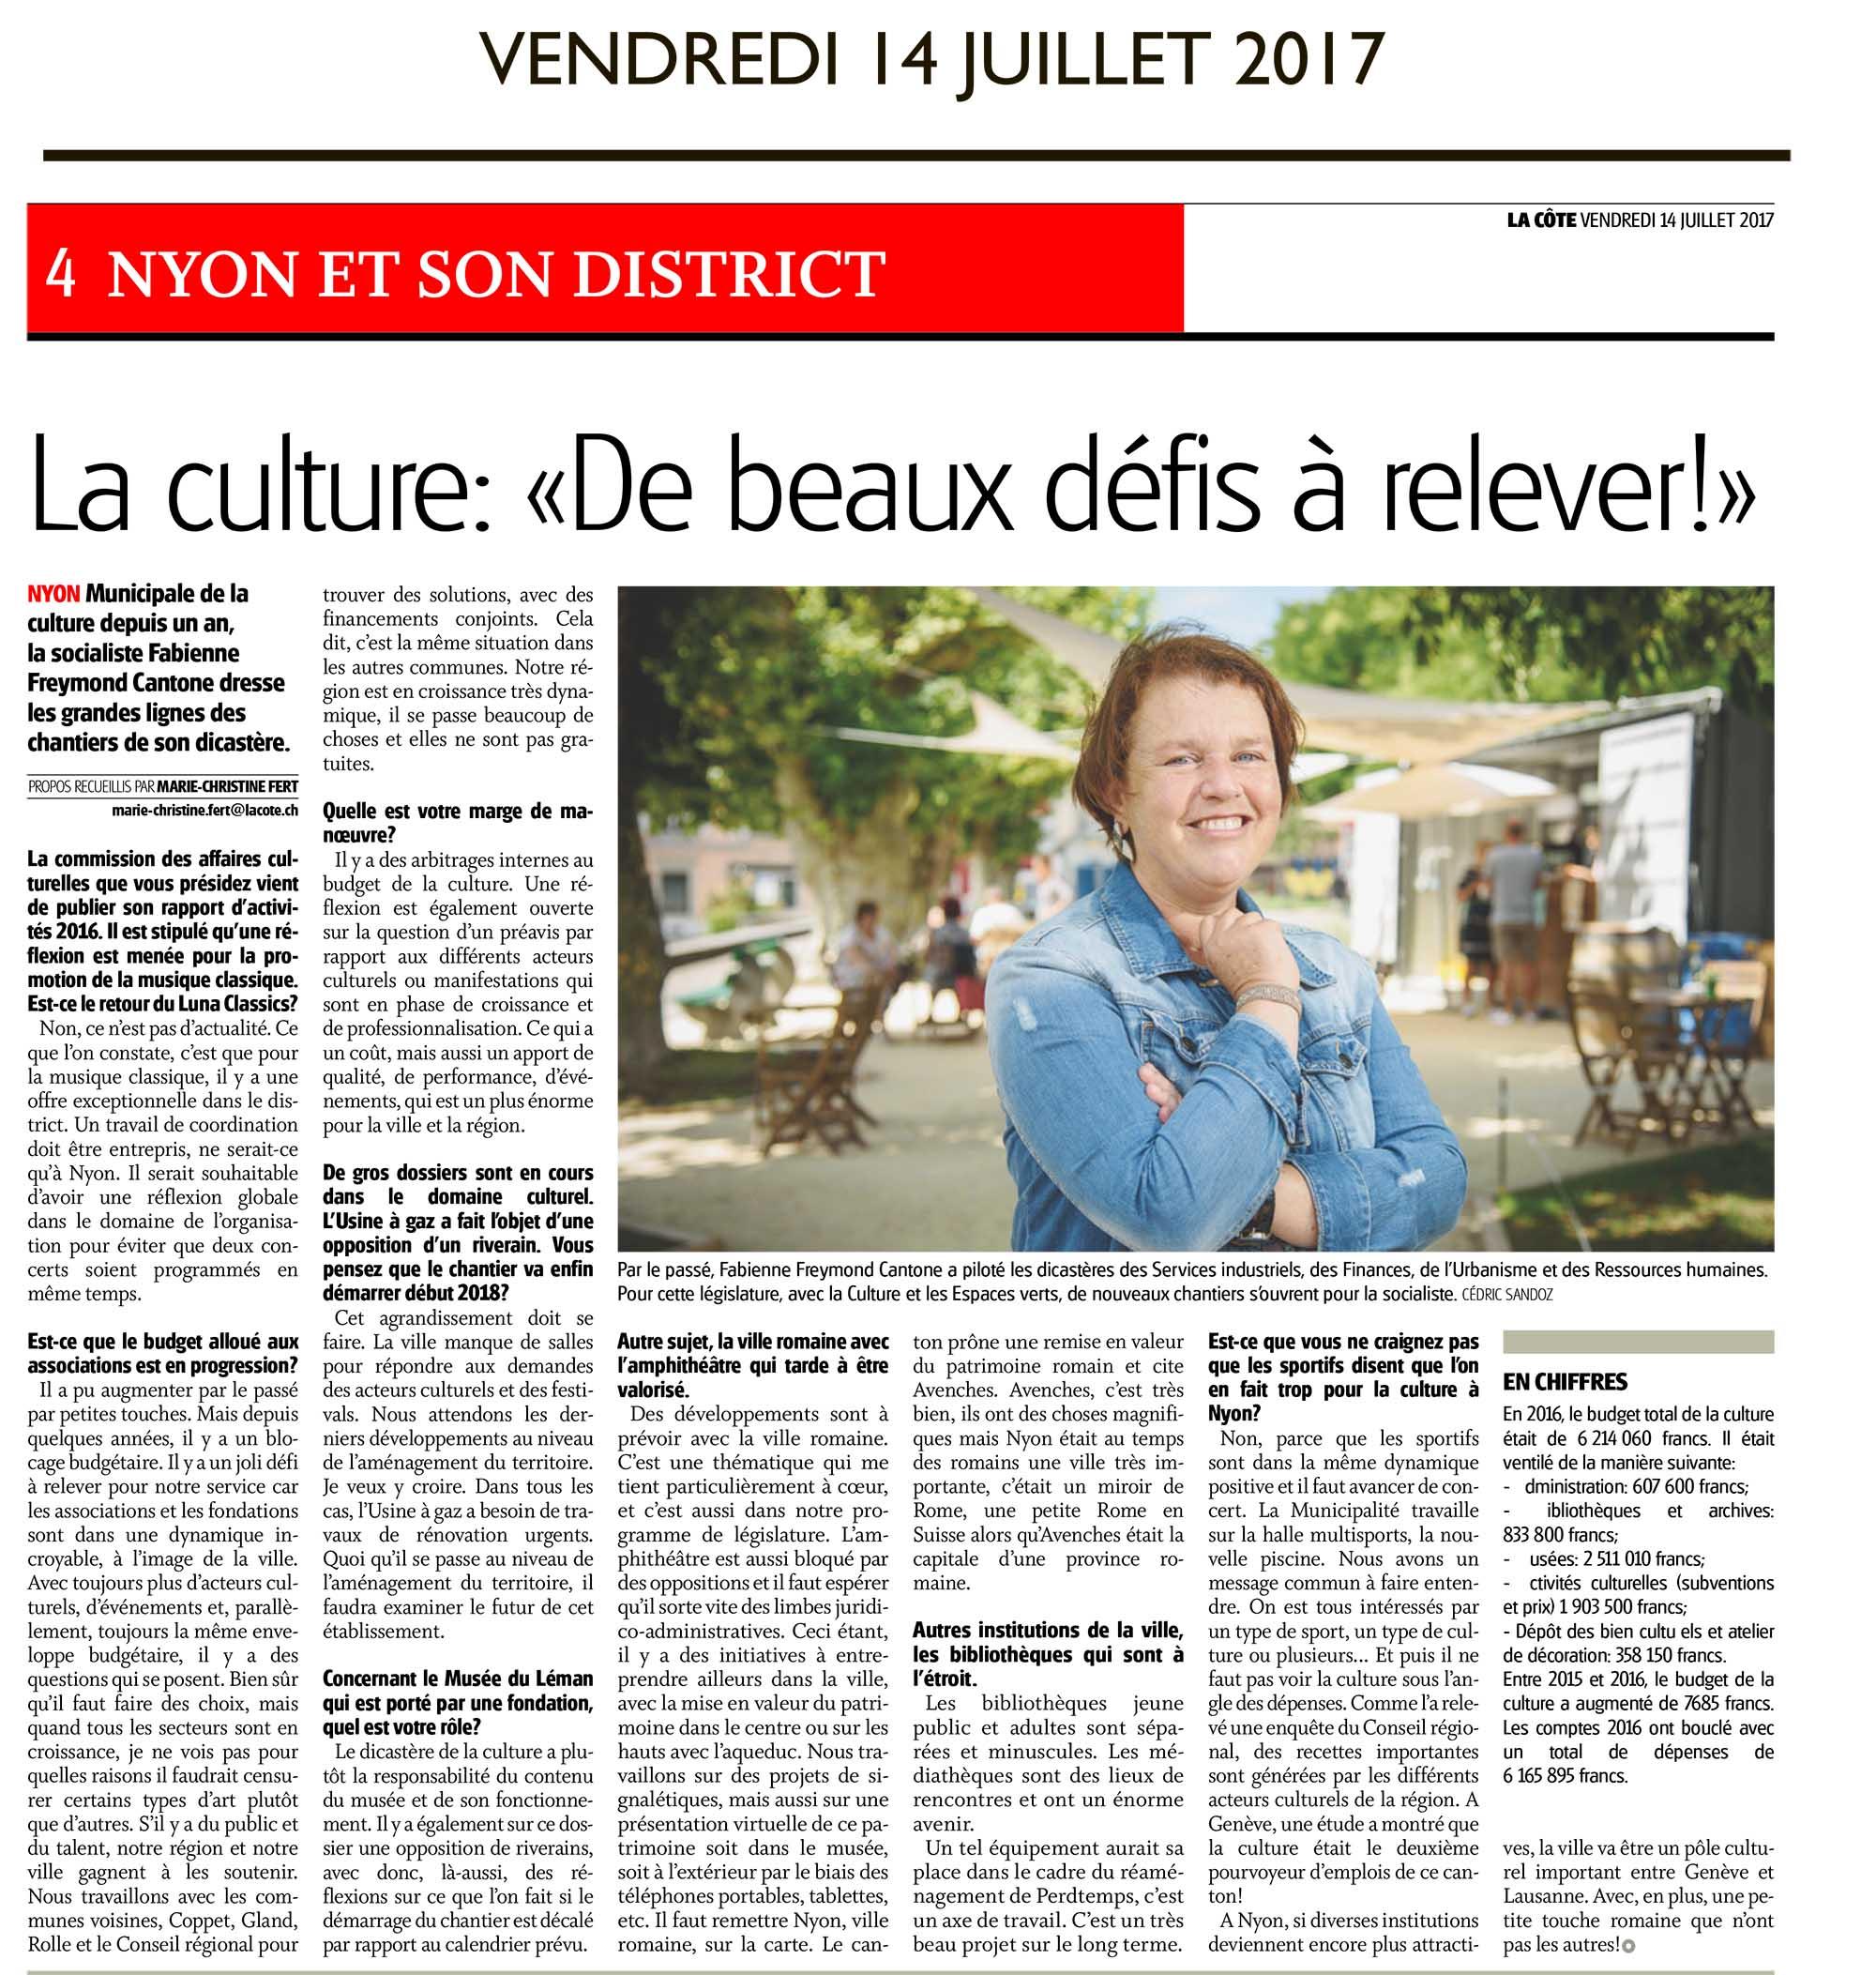 Copy of 2017-07-14 La Côte